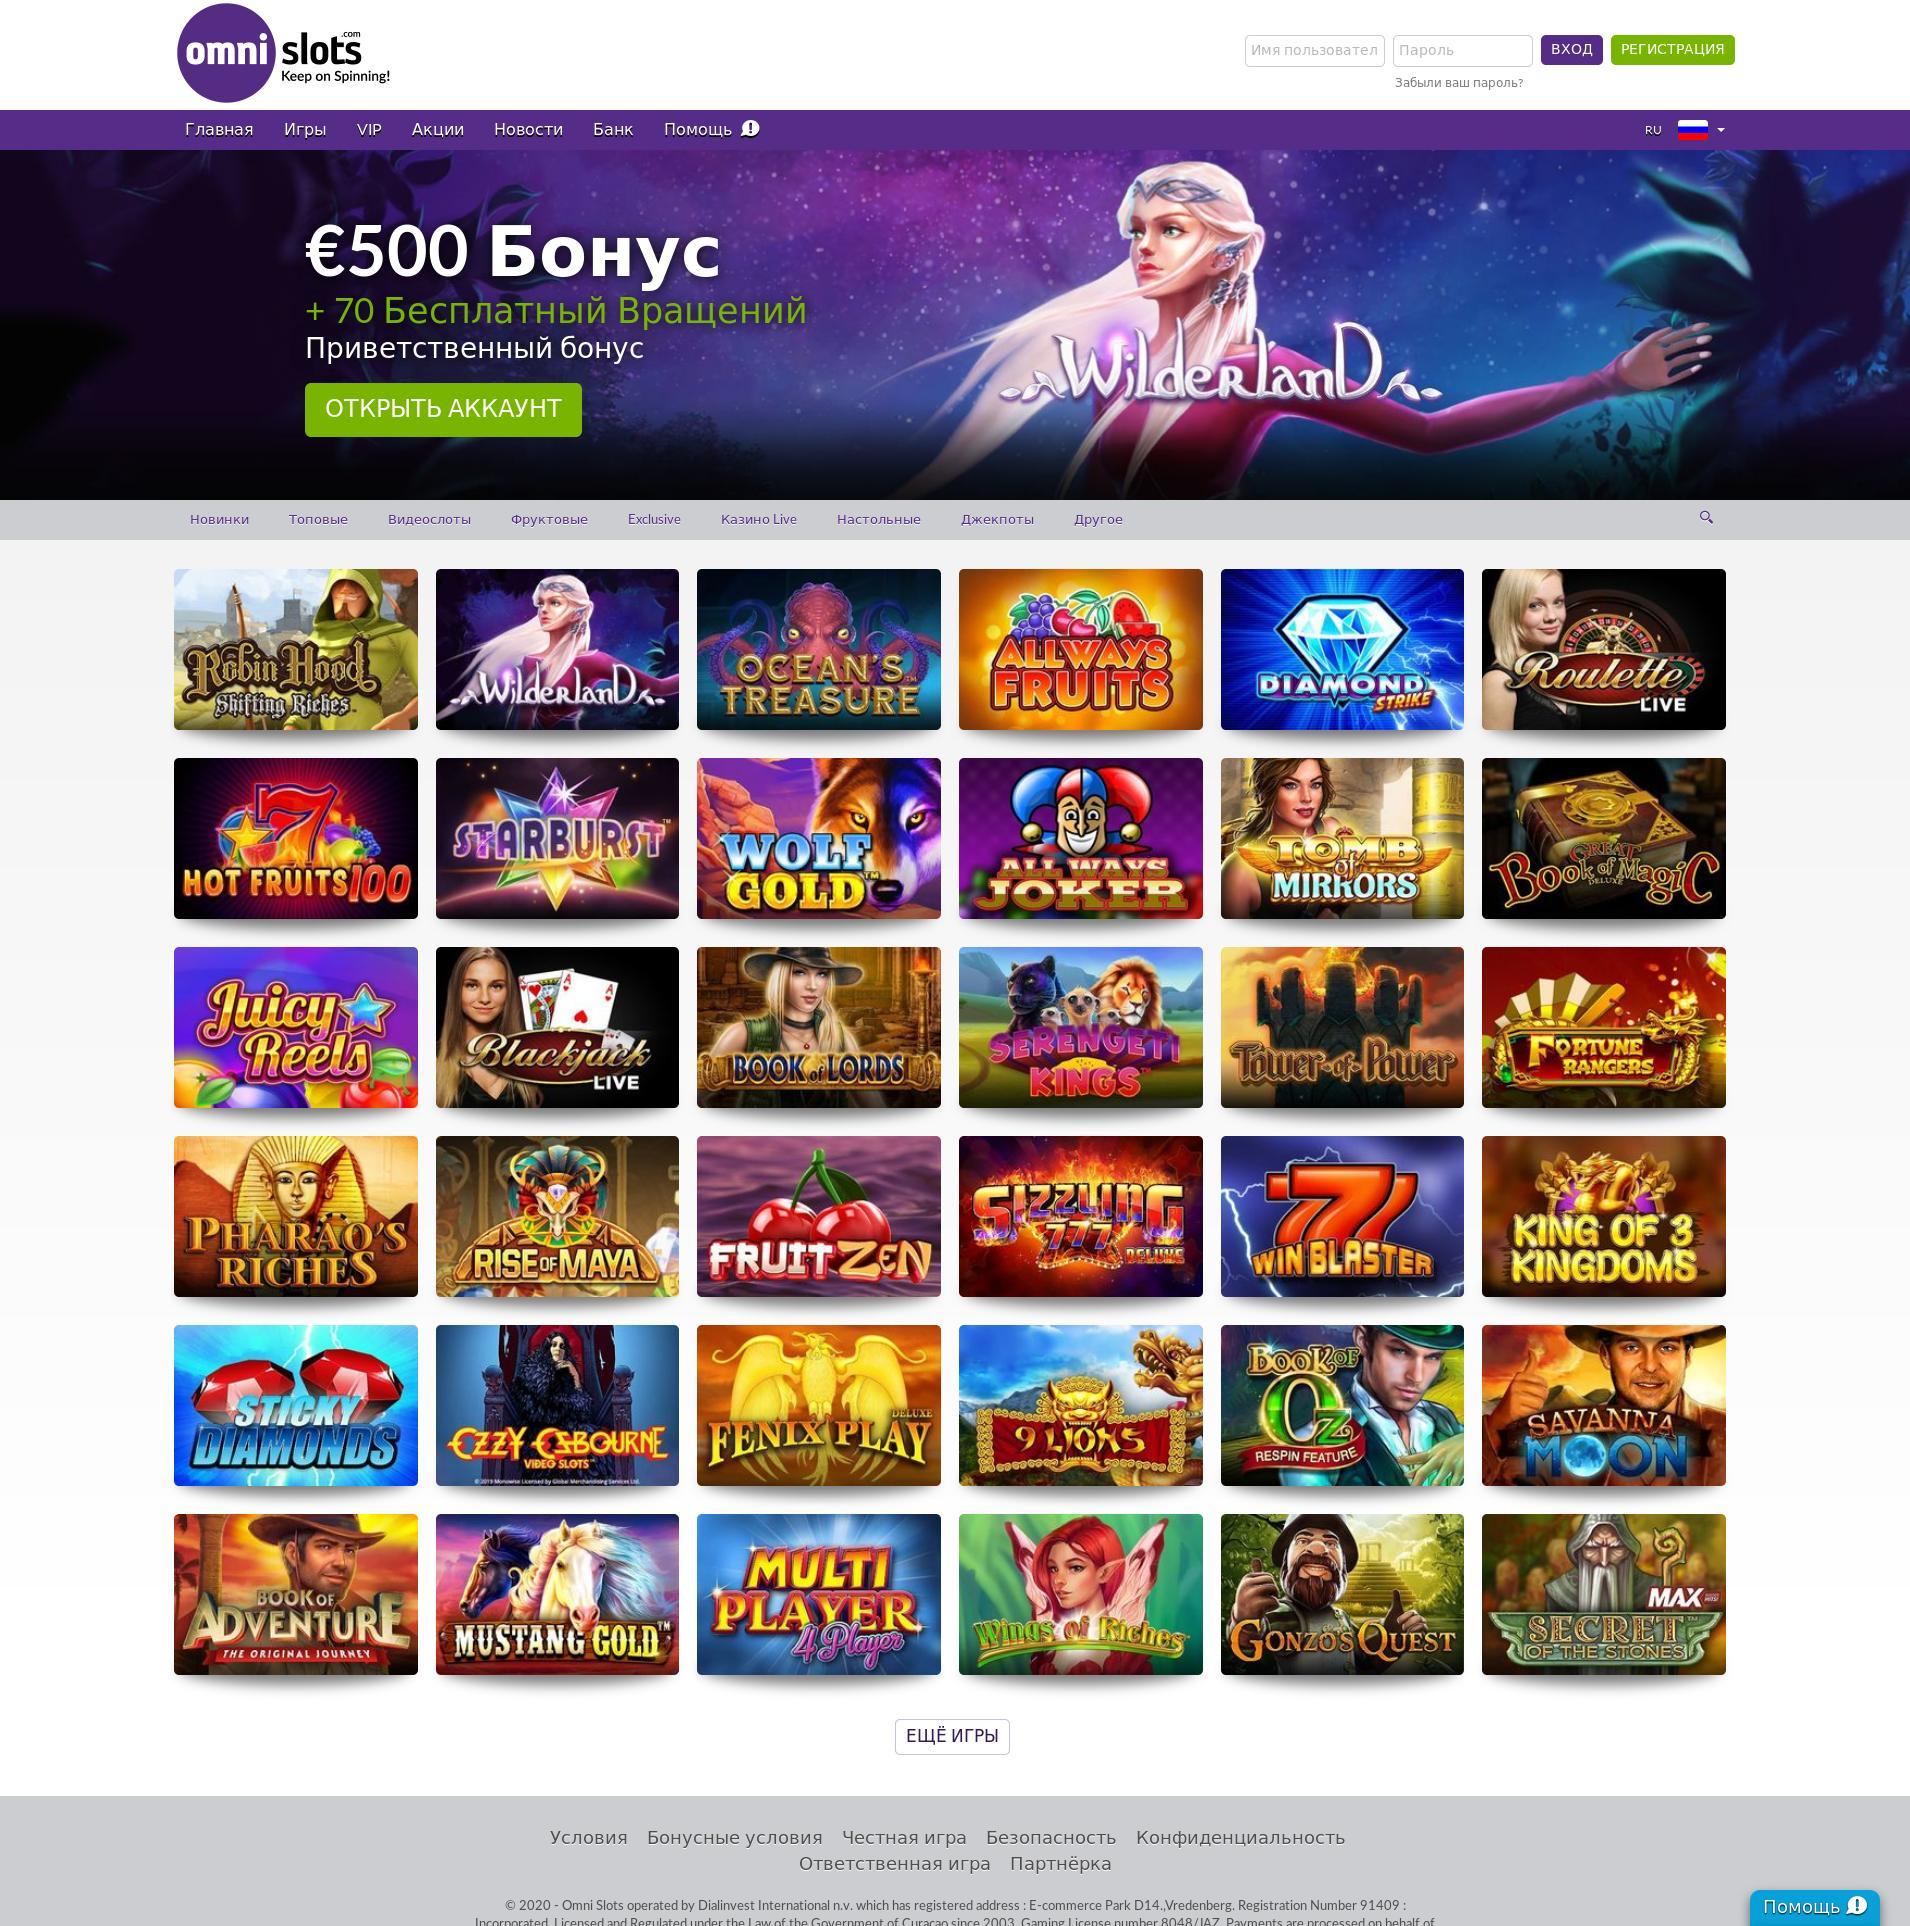 Казино знімок Lobby 2020-03-31 за Україна